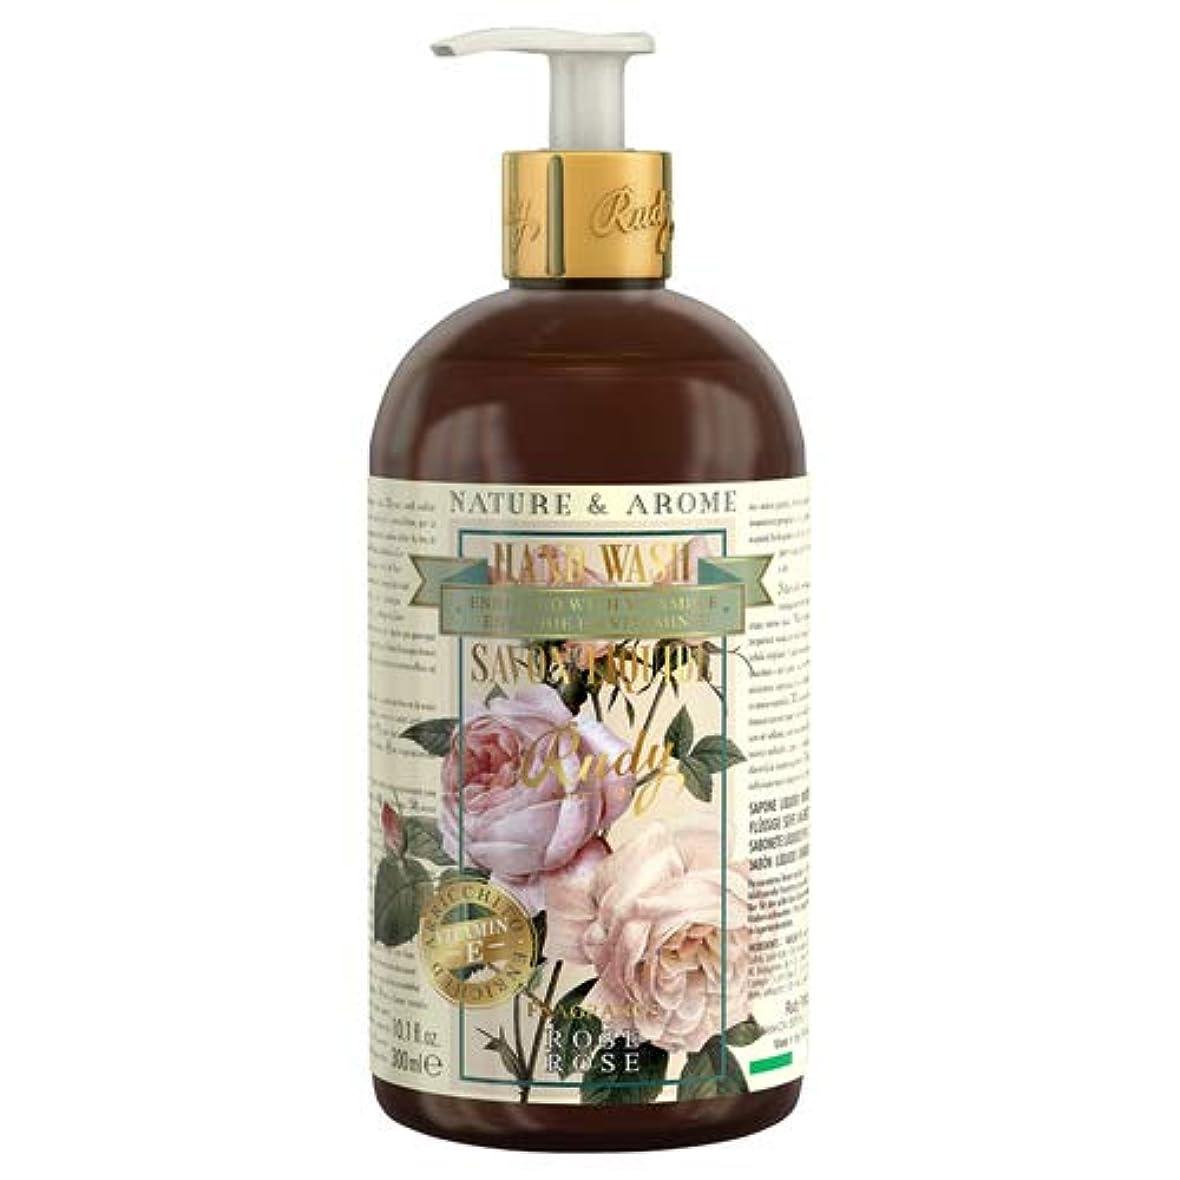 ふくろう優雅効率RUDY Nature&Arome Apothecary ネイチャーアロマ アポセカリー Hand Wash ハンドウォッシュ(ボディソープ) Rose ローズ